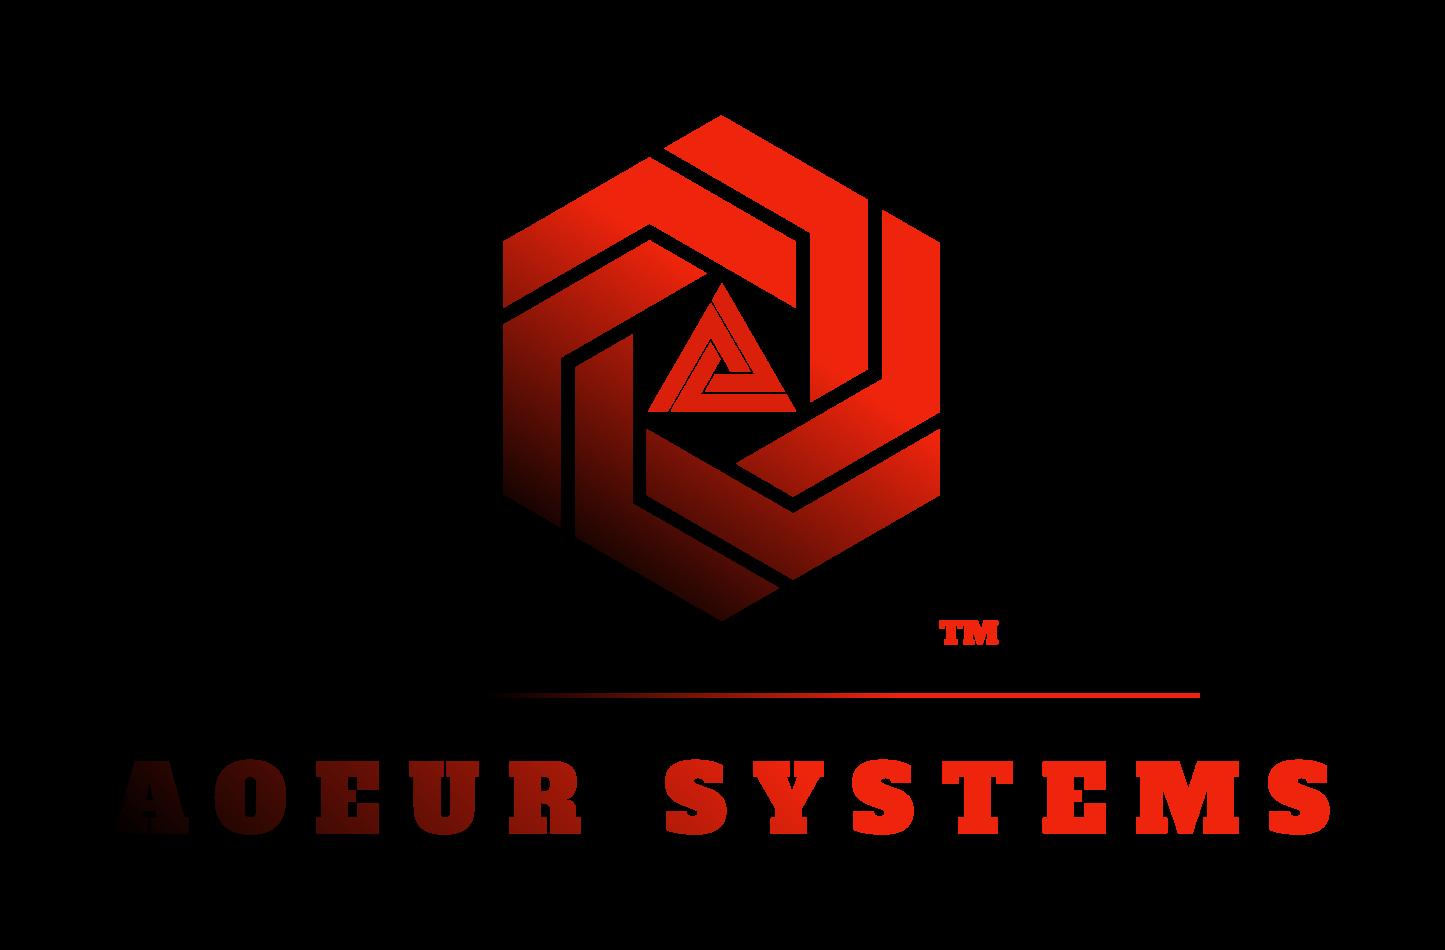 AOEURsystems